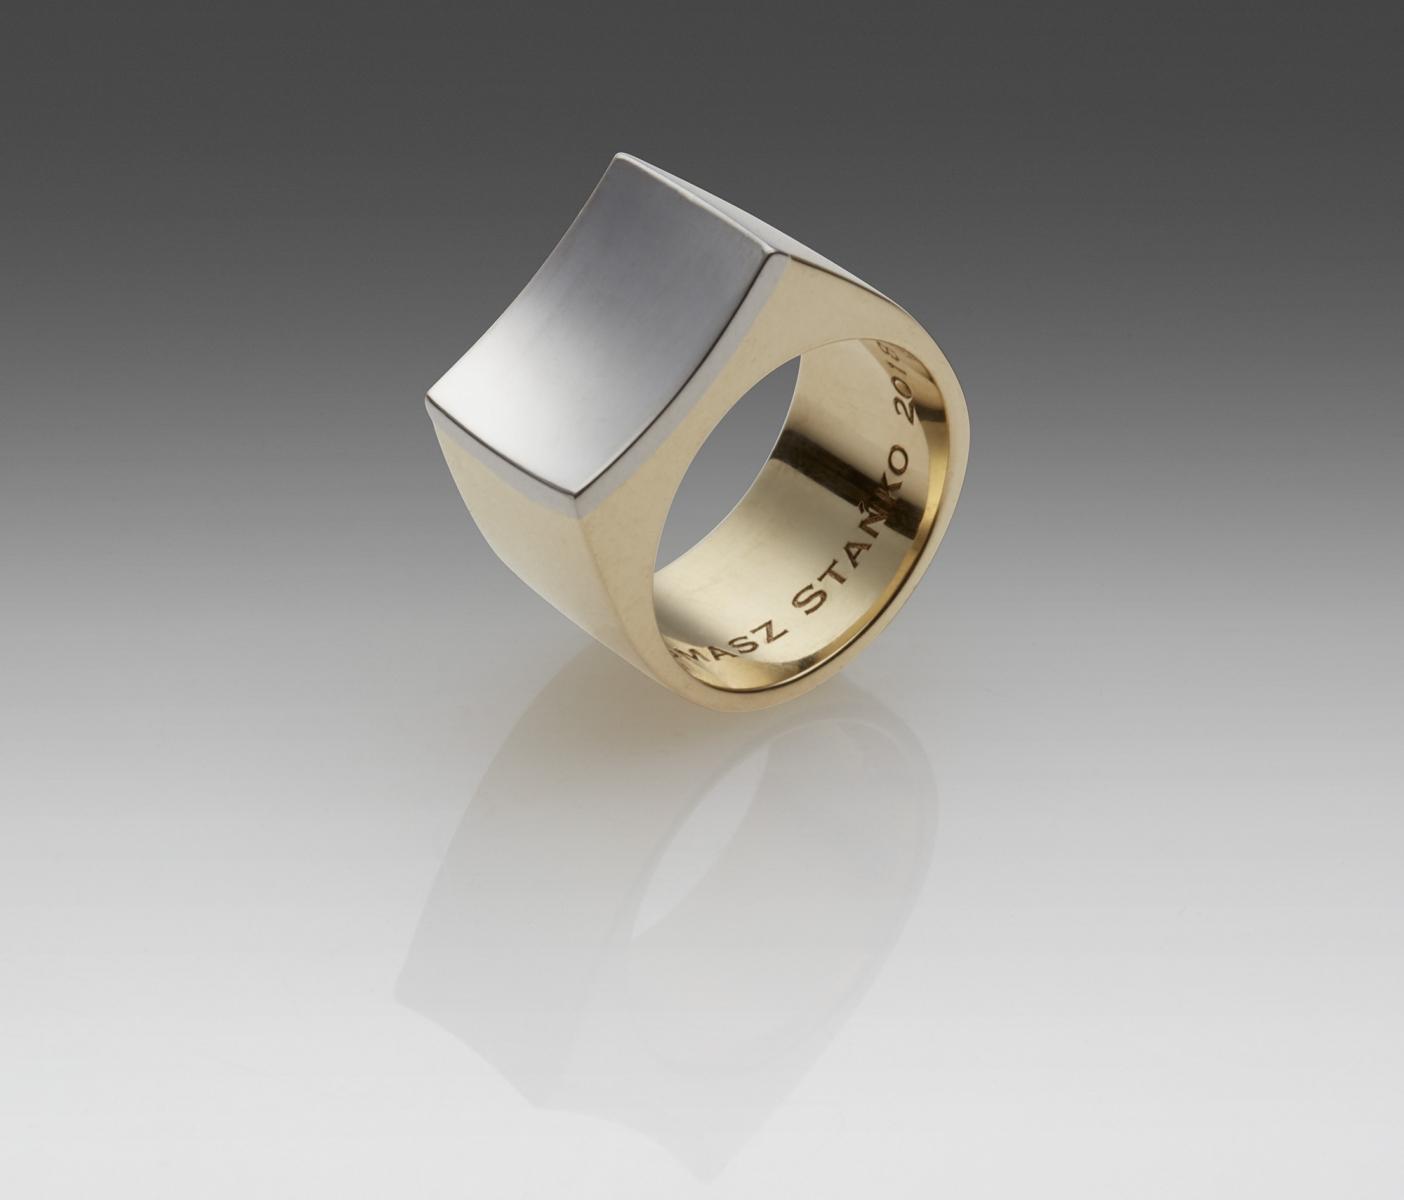 Pierścień, platyna i złoto  /  platinum and gold ring